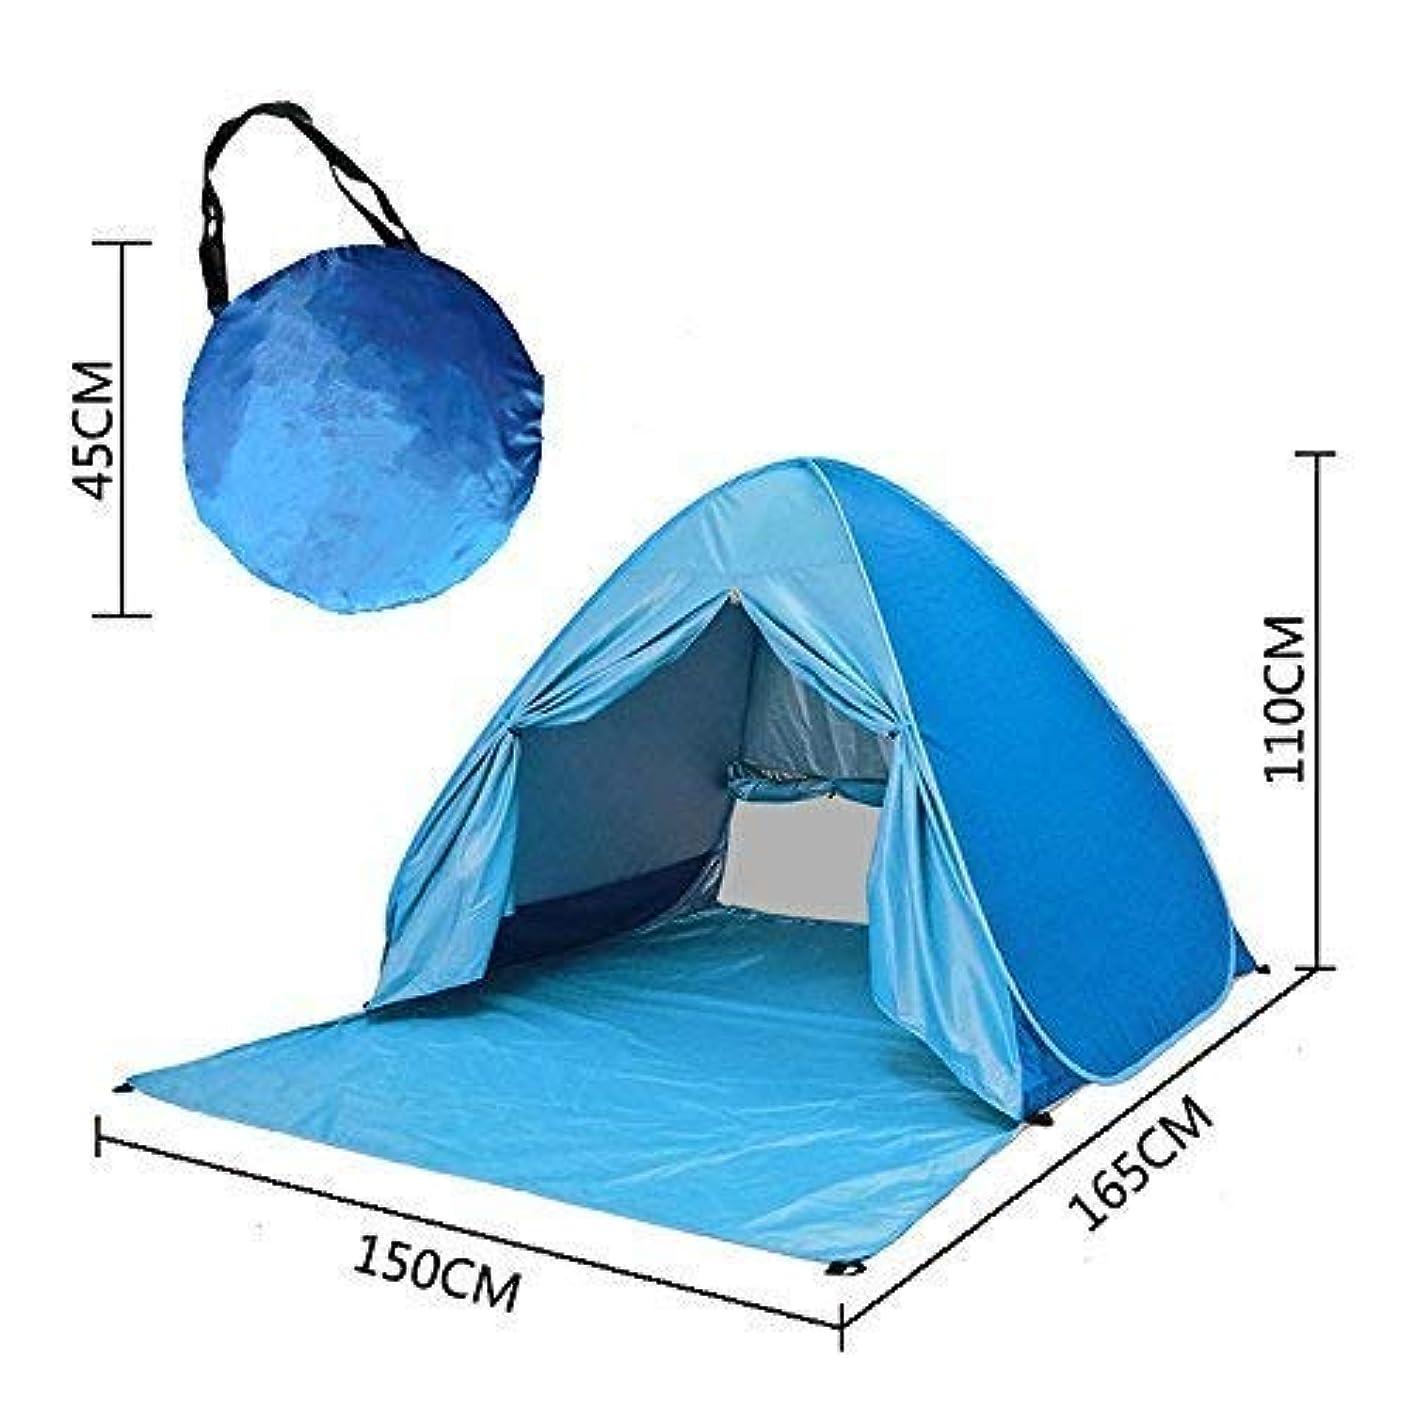 計り知れない消化器自伝FunkatronPop Up Beach Tent,Compact to take to the Park or Picnic - Easy Up,Portable Sun Shelter,2-3 Person Camping Tent [並行輸入品]